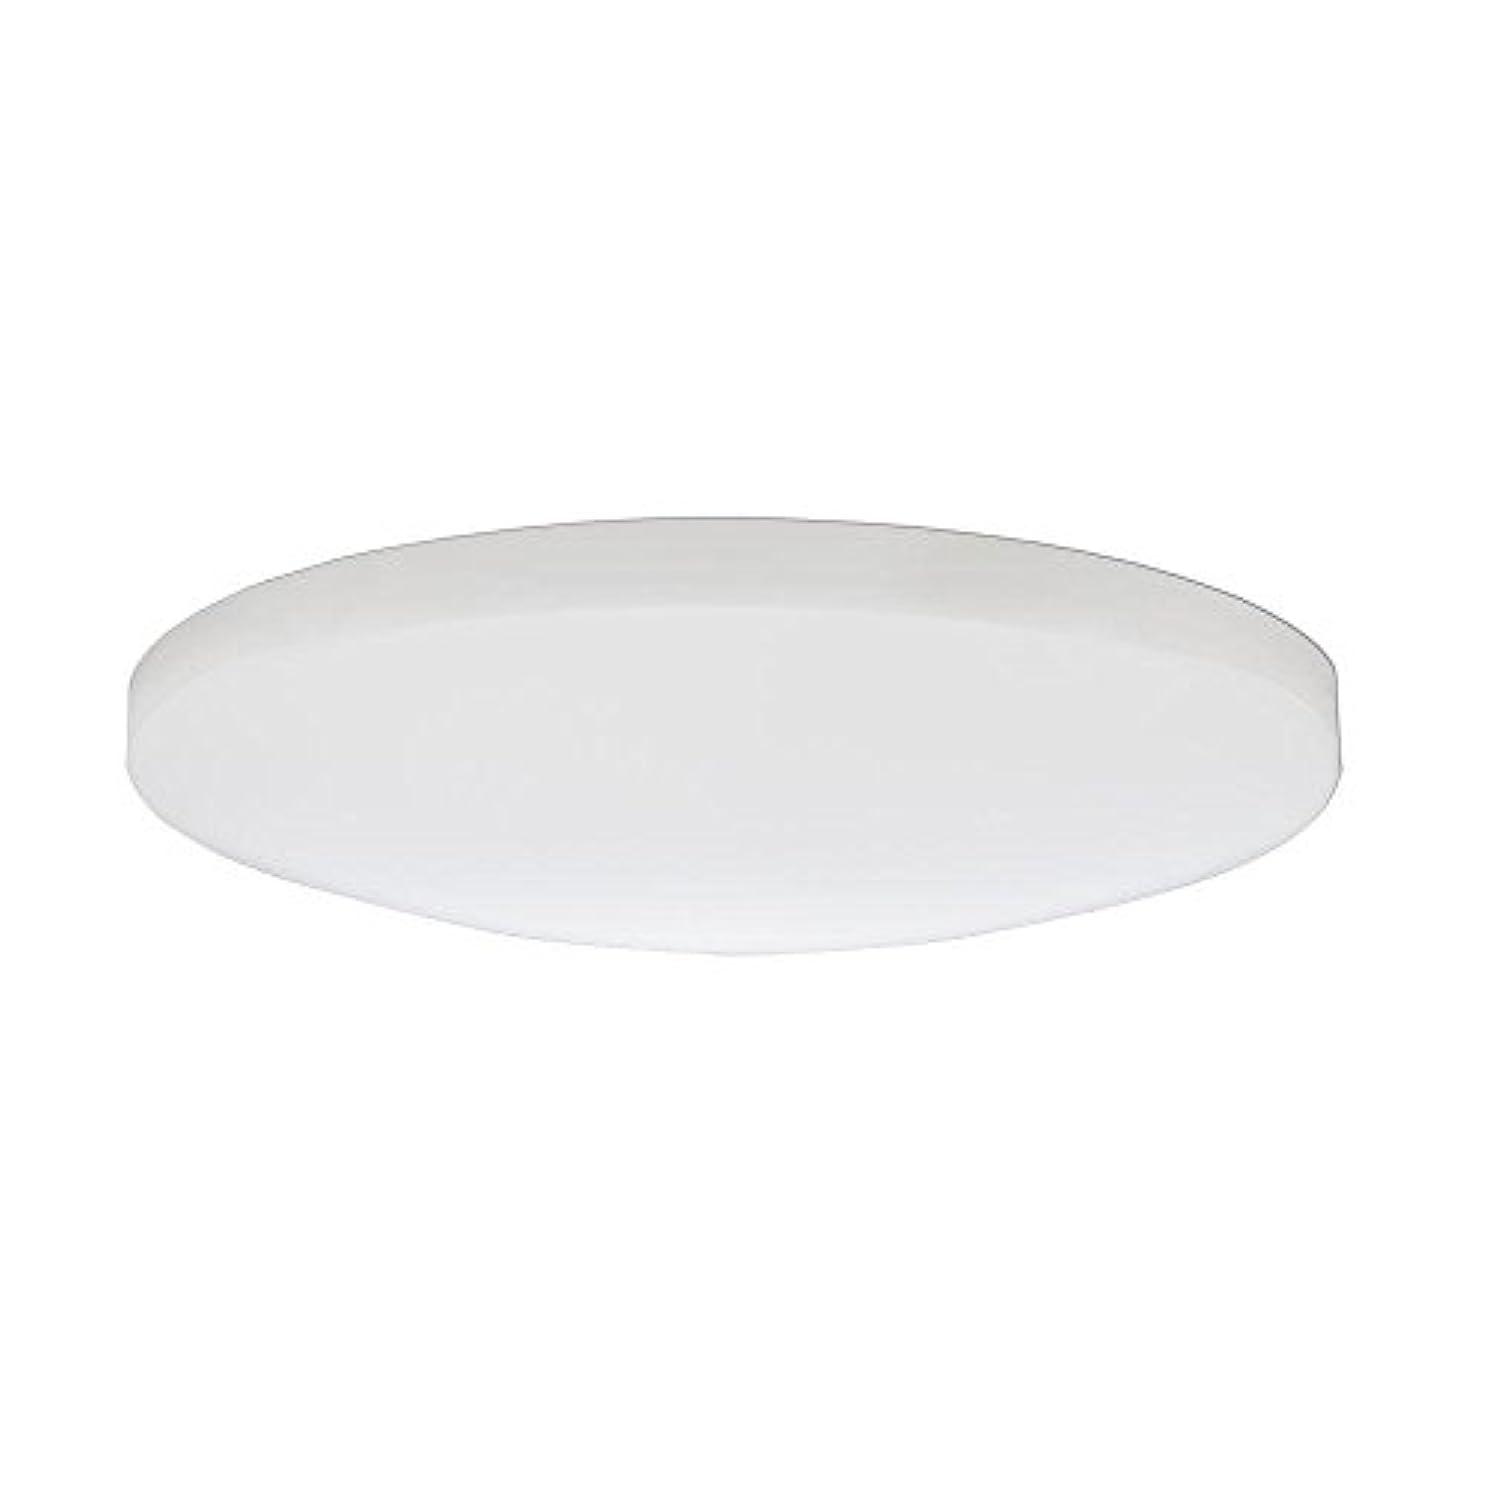 マーチャンダイジング交換可能ルールLithonia Lighting DSATL16 M4 Replacement Glass Diffuser, 16', White [並行輸入品]